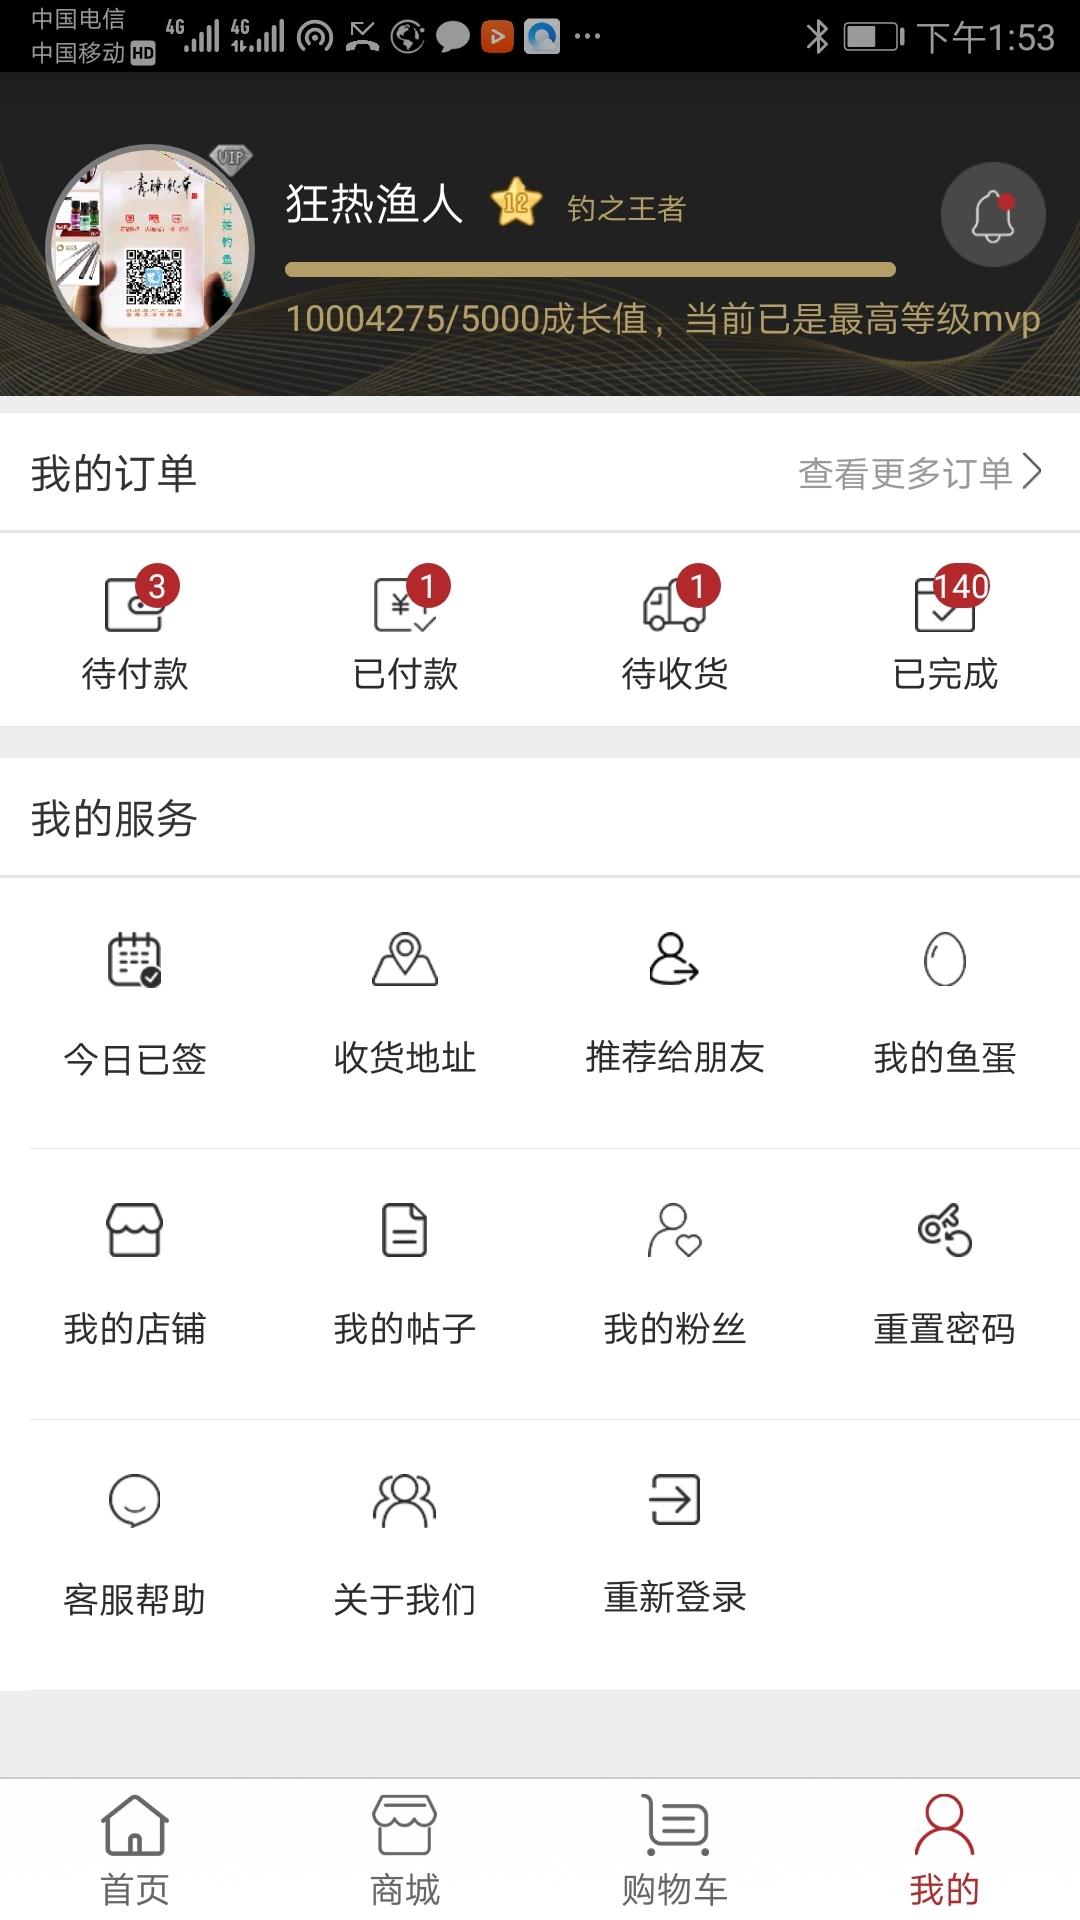 百姓钓鱼论坛 V2.0.3 安卓版截图5